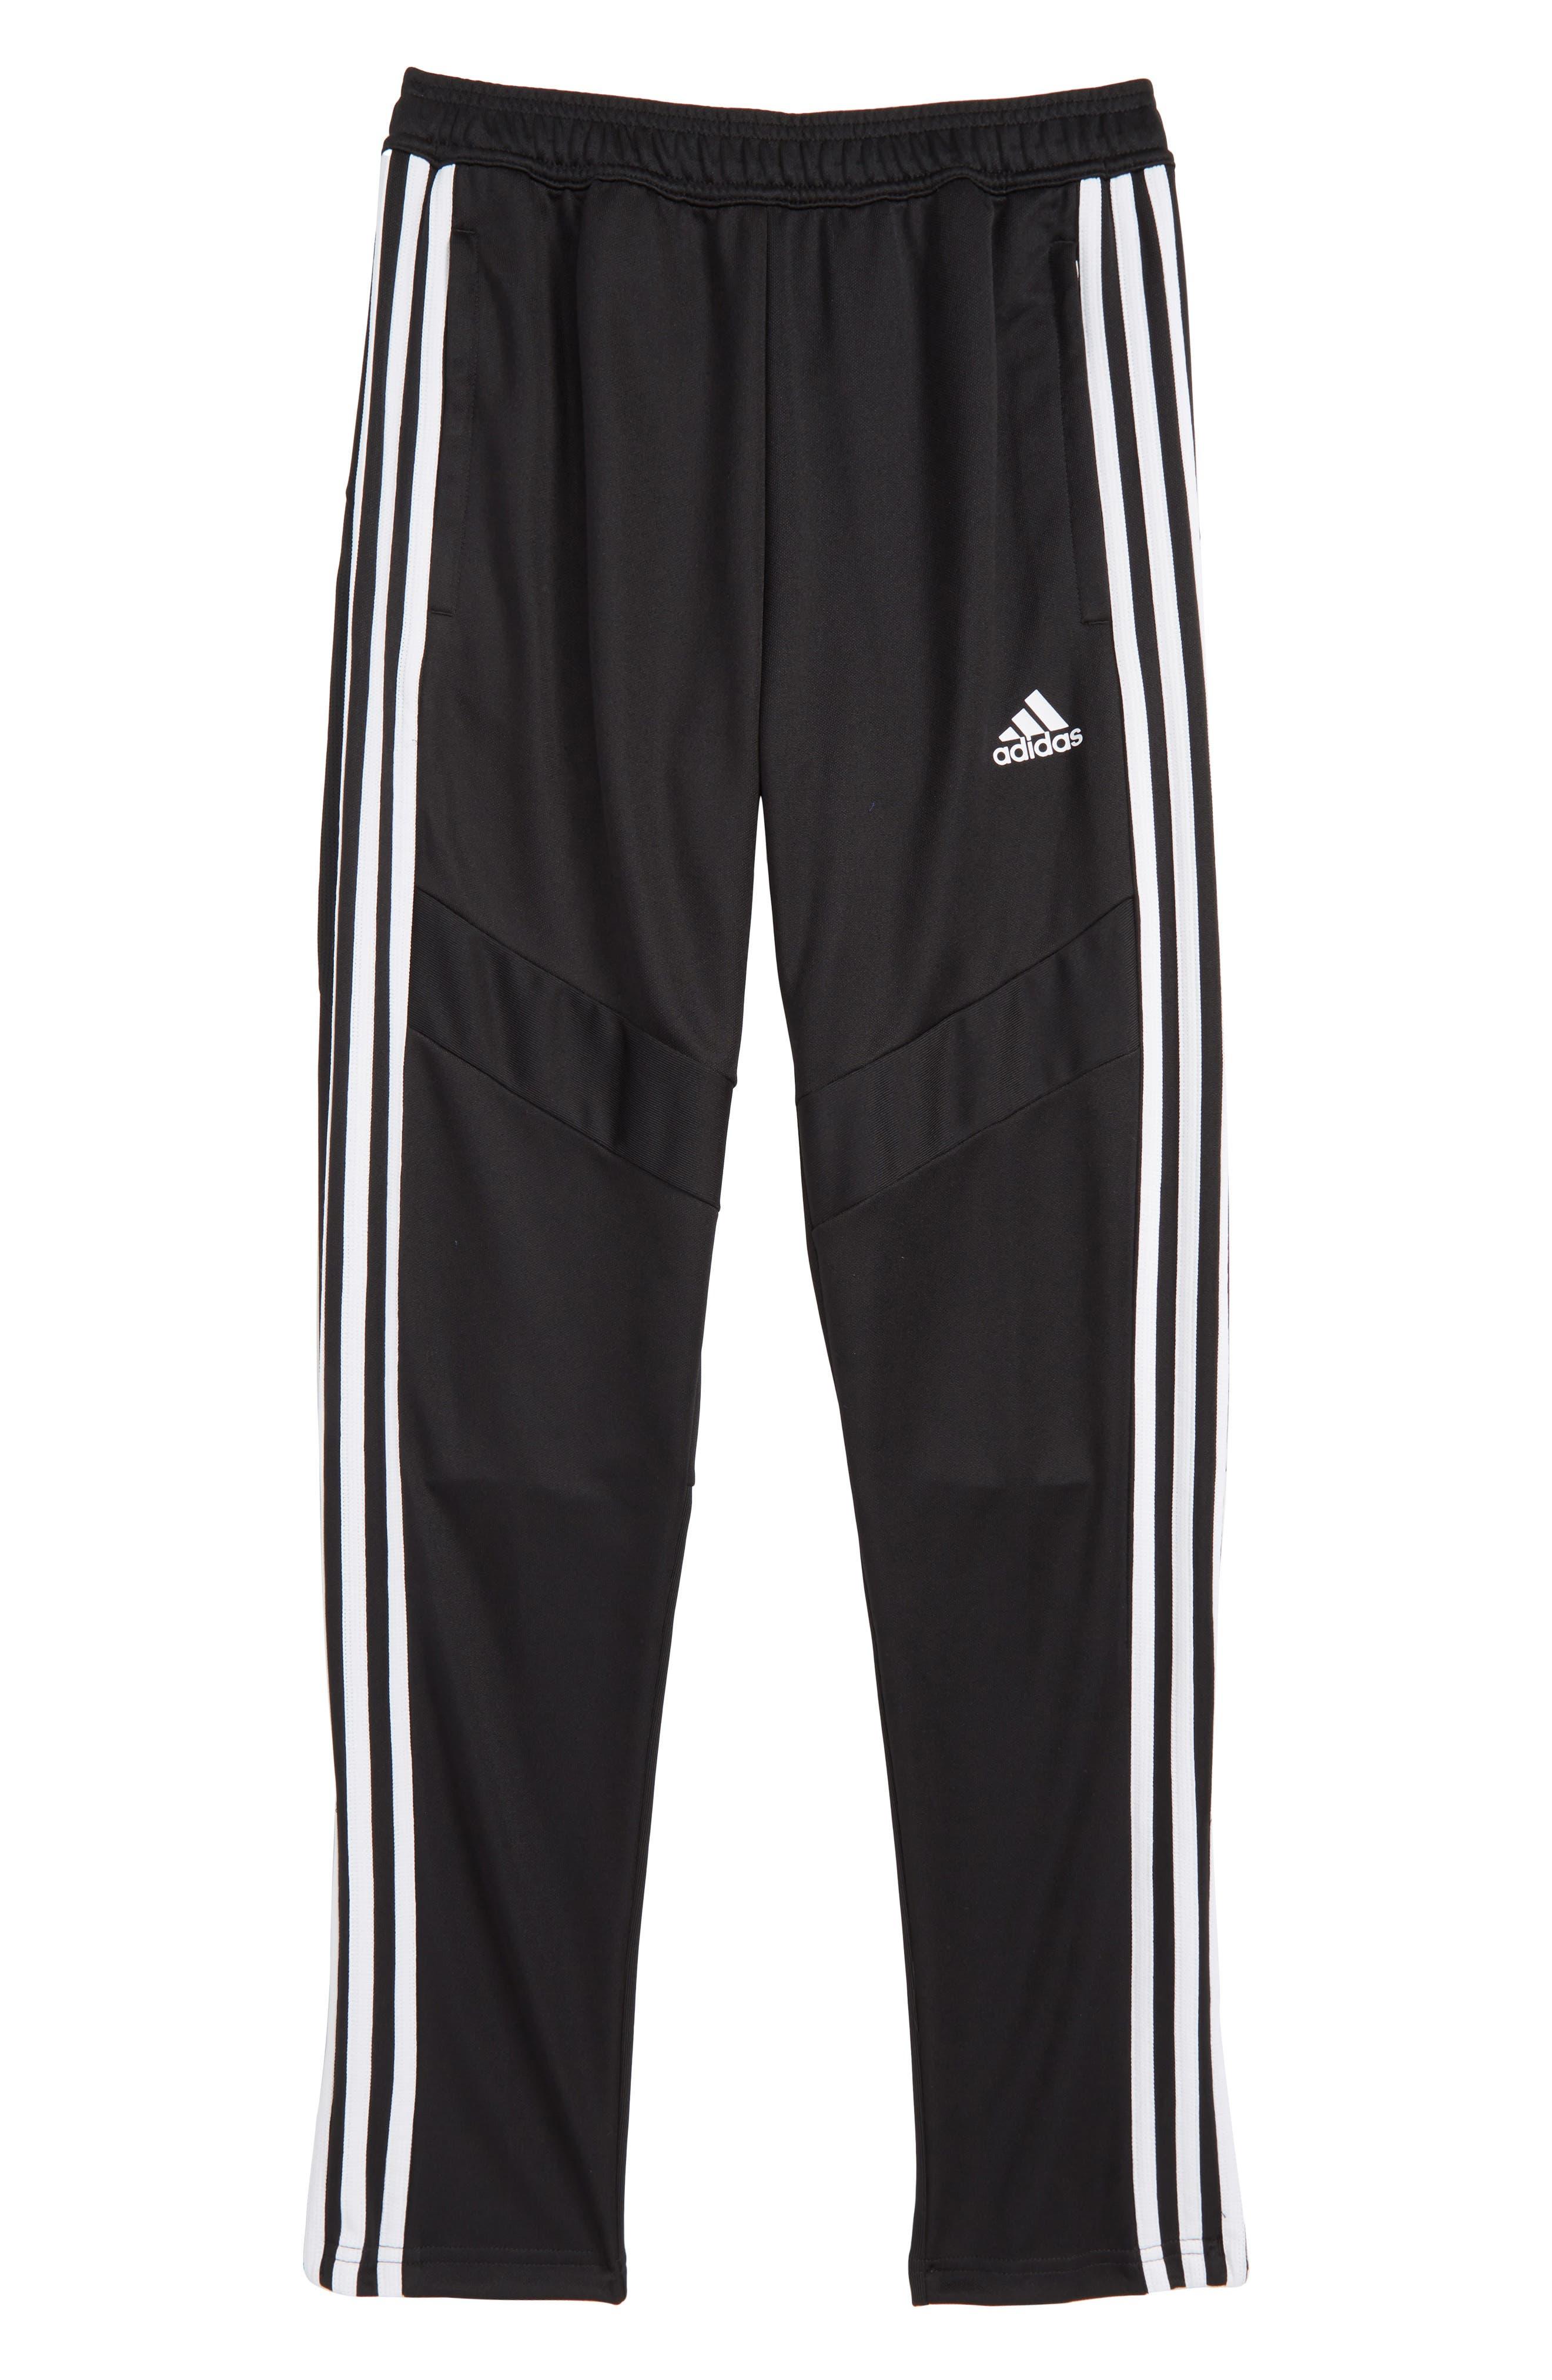 Tiro19 Sweatpants,                             Main thumbnail 1, color,                             BLACK / WHITE